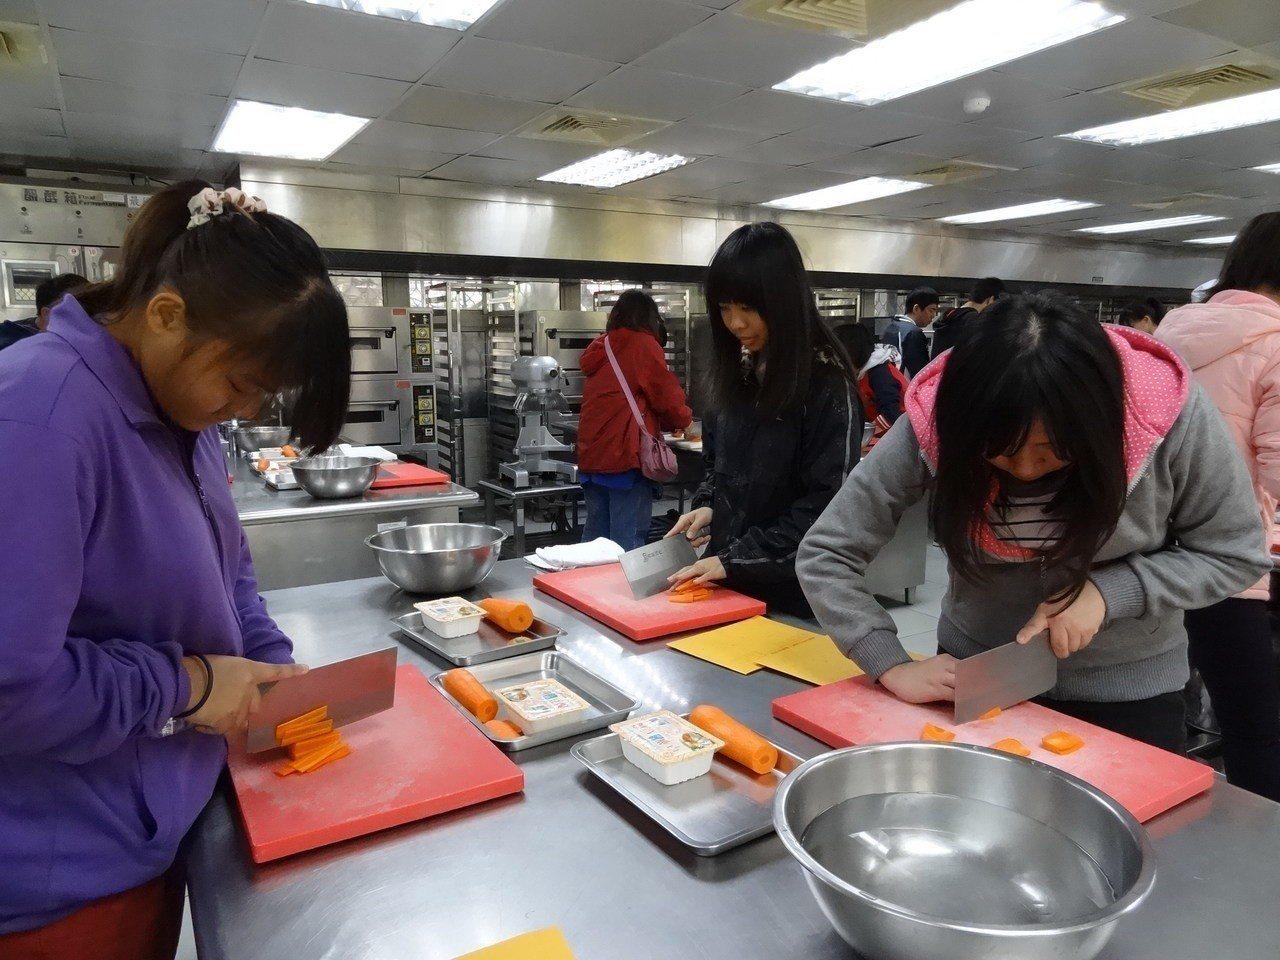 包括中山工商等多校開設異國料理專班,要考紅蘿蔔切絲等術科測驗。圖/中山工商提供